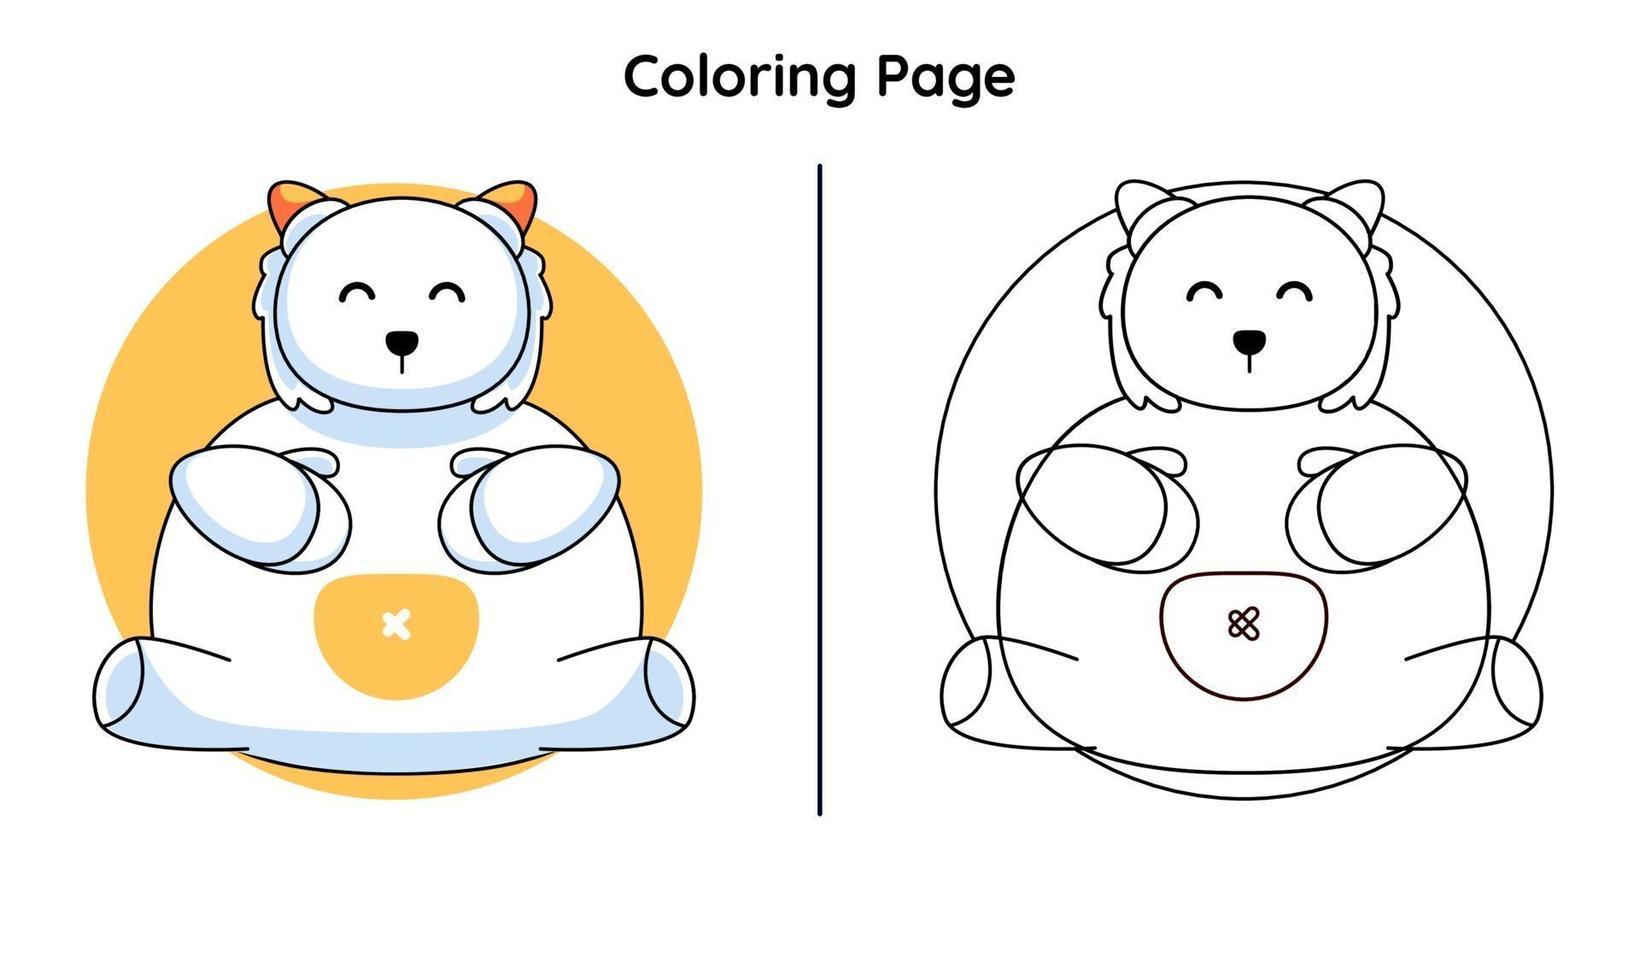 animais fofos com páginas para colorir. adequado para crianças vetor